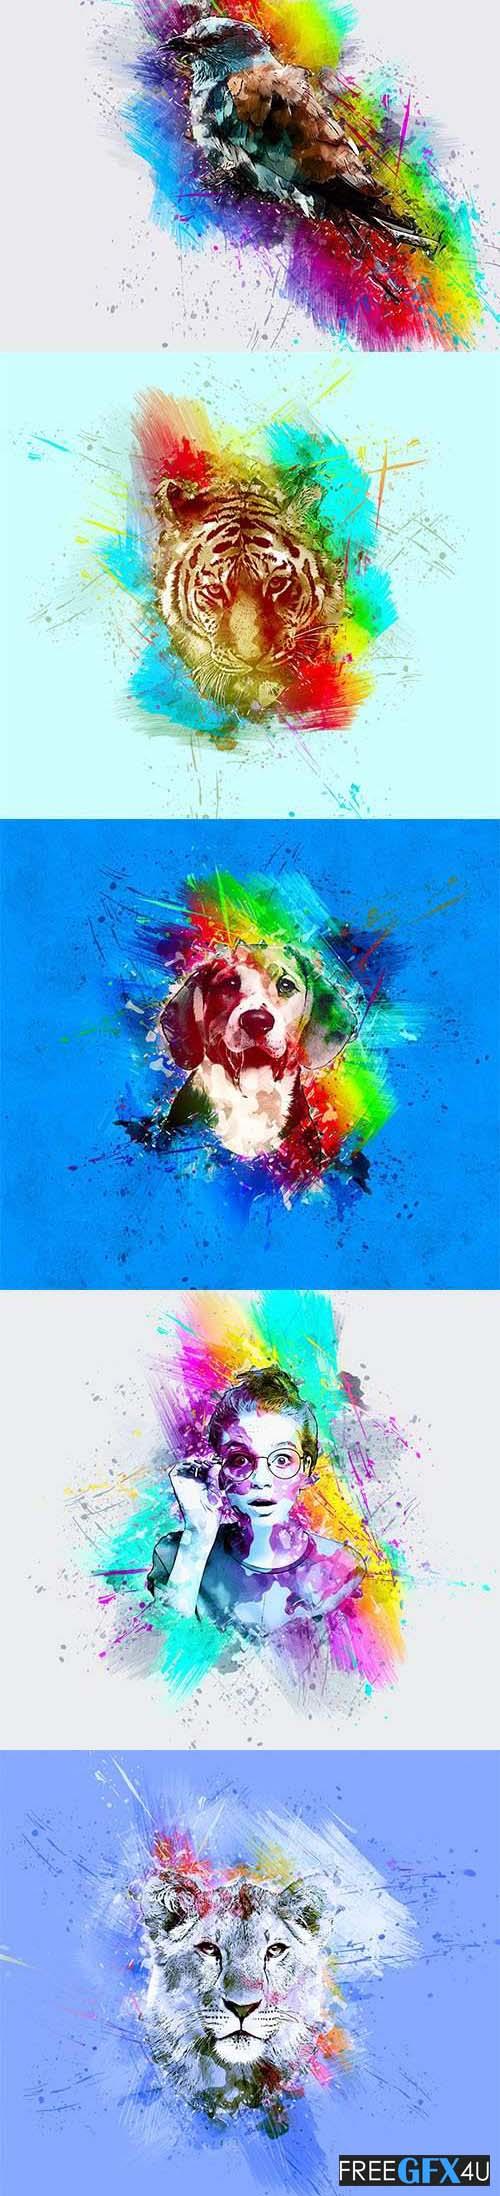 Paint Photoshop Action